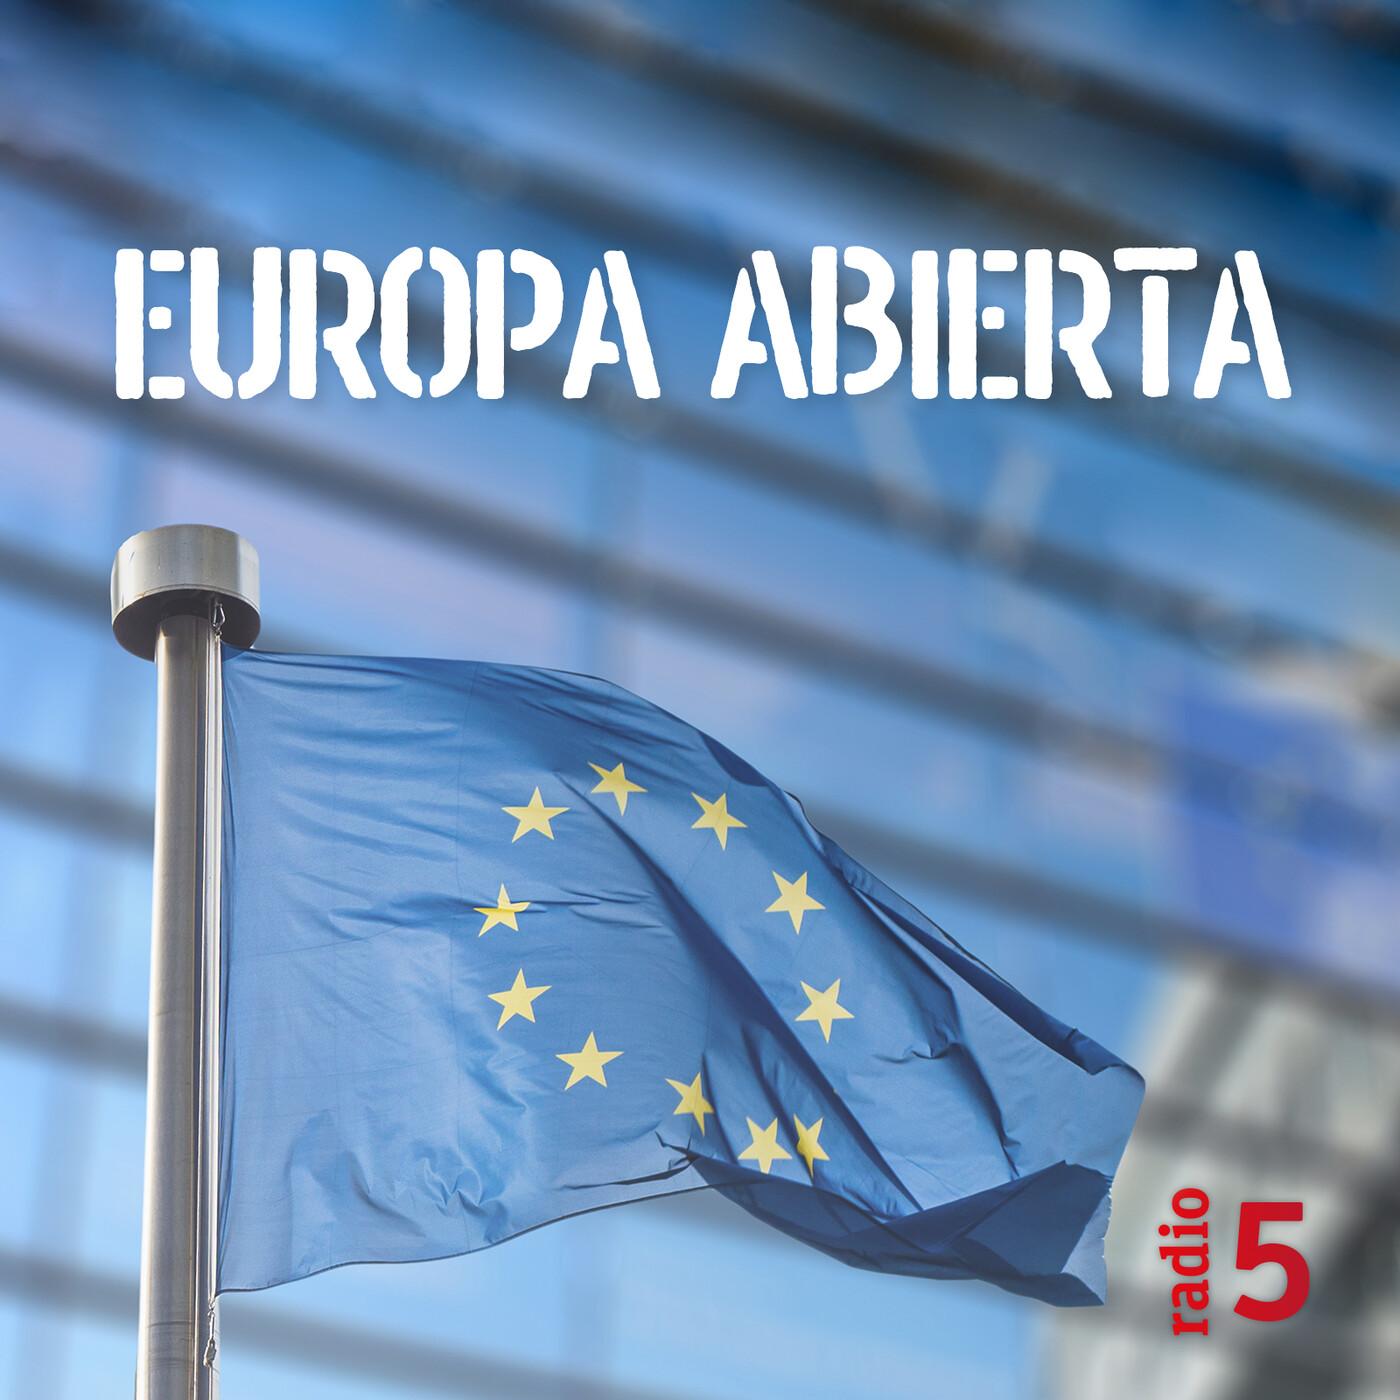 Europa abierta en Radio 5 - Francia y Macron afrontan la era post-Covid - 16/06/20